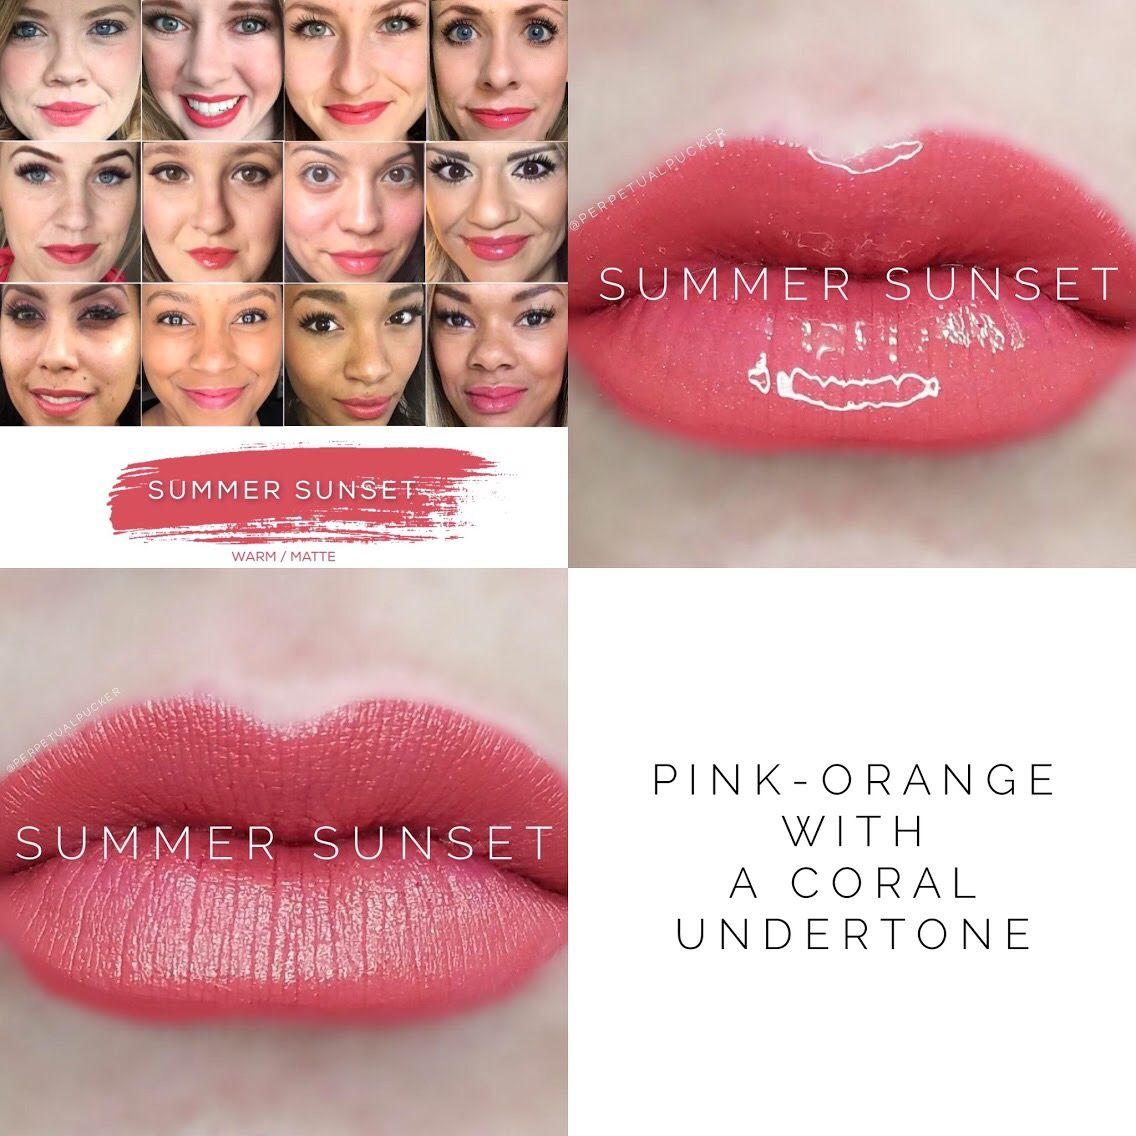 Summer Sunset LipSense